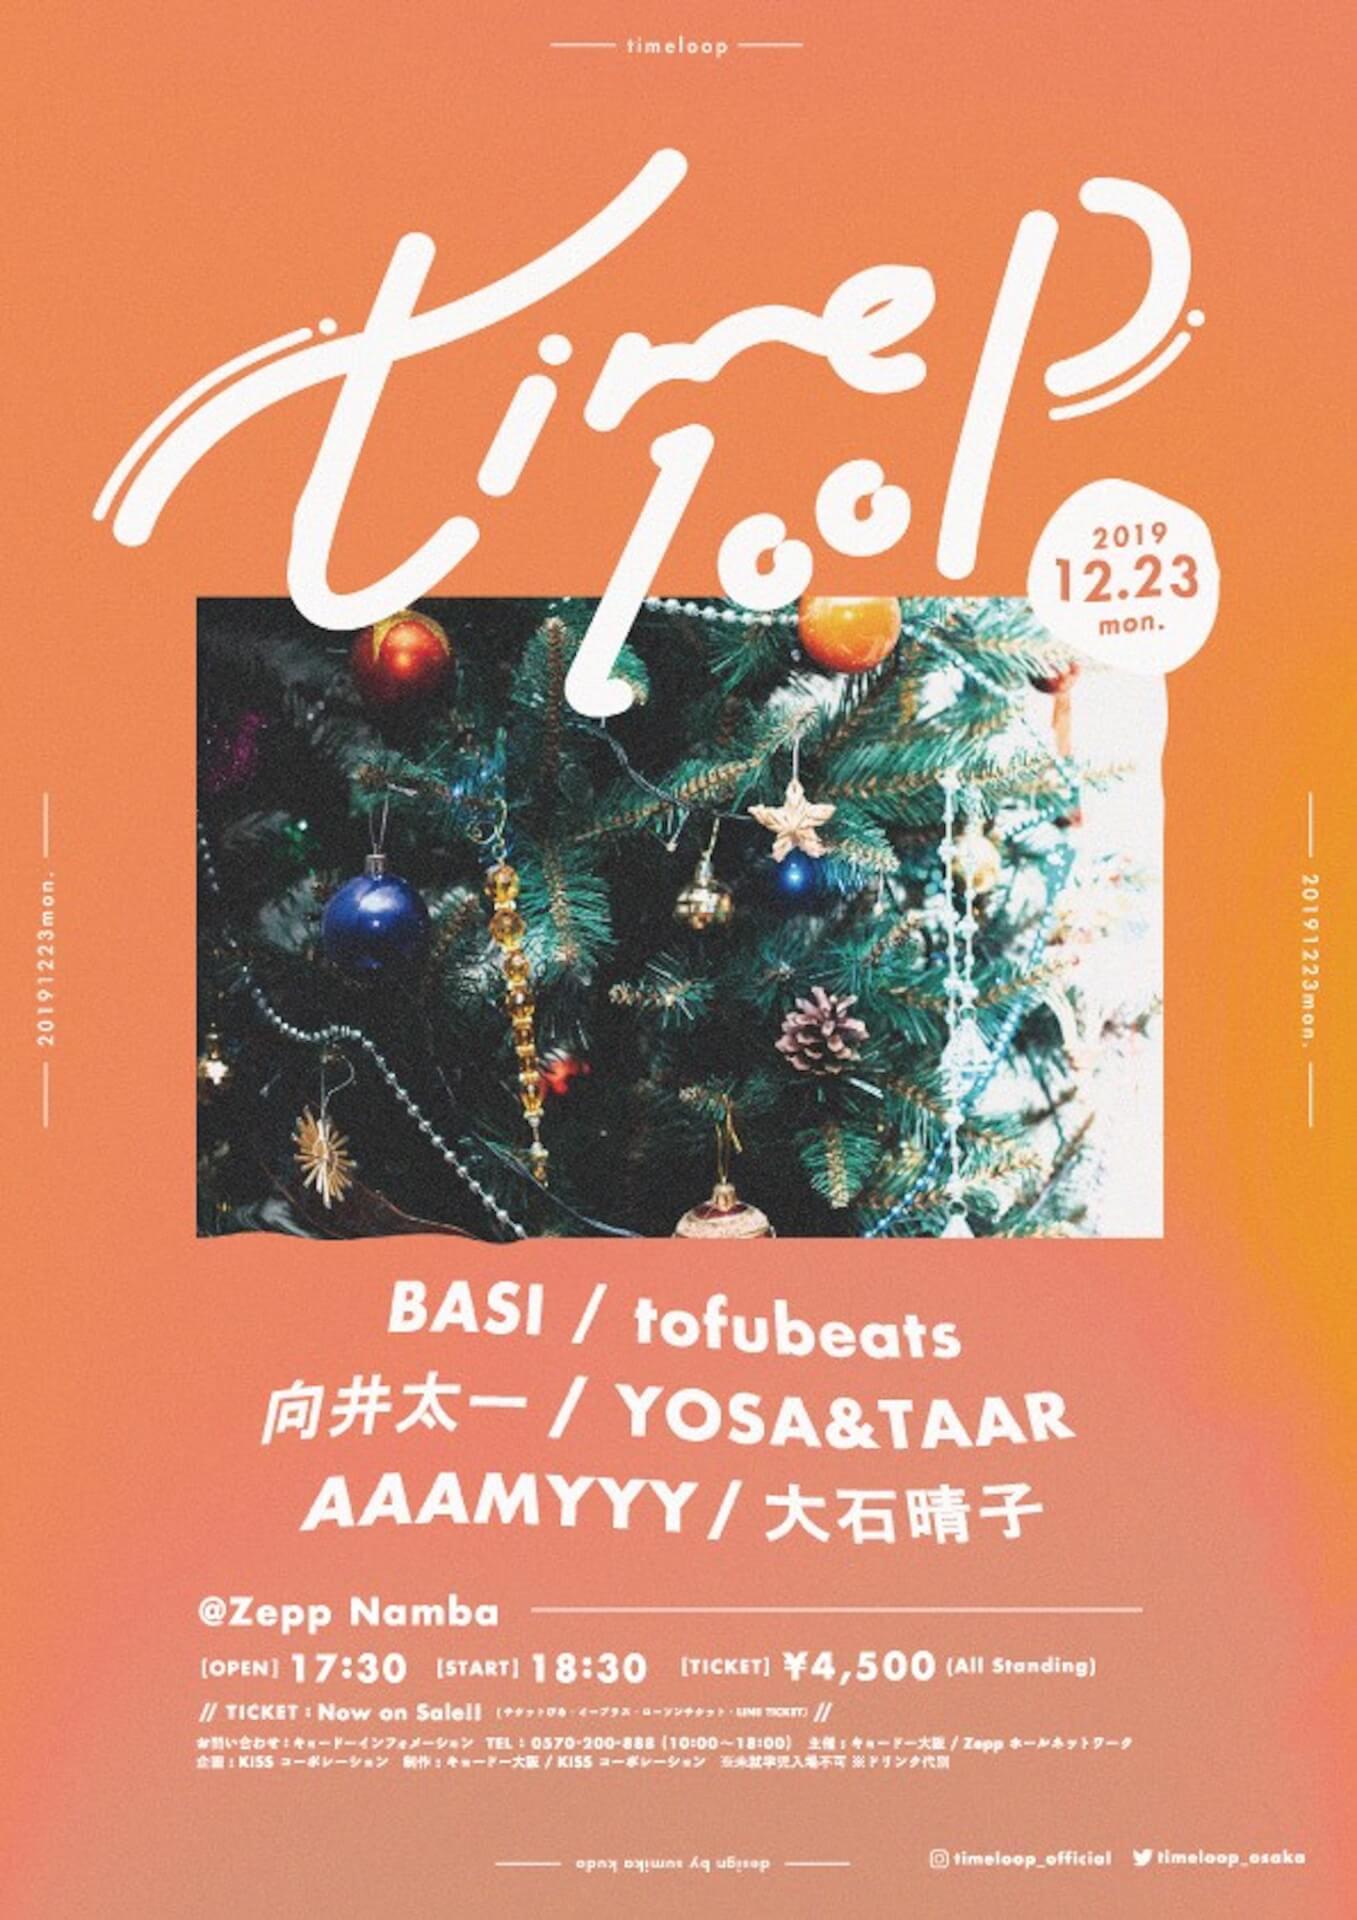 クリスマスイブ直前の大阪にtofubeats、向井太一、AAAMYYYらが集結!<timeloop>開催決定 music191025_timeloop_5